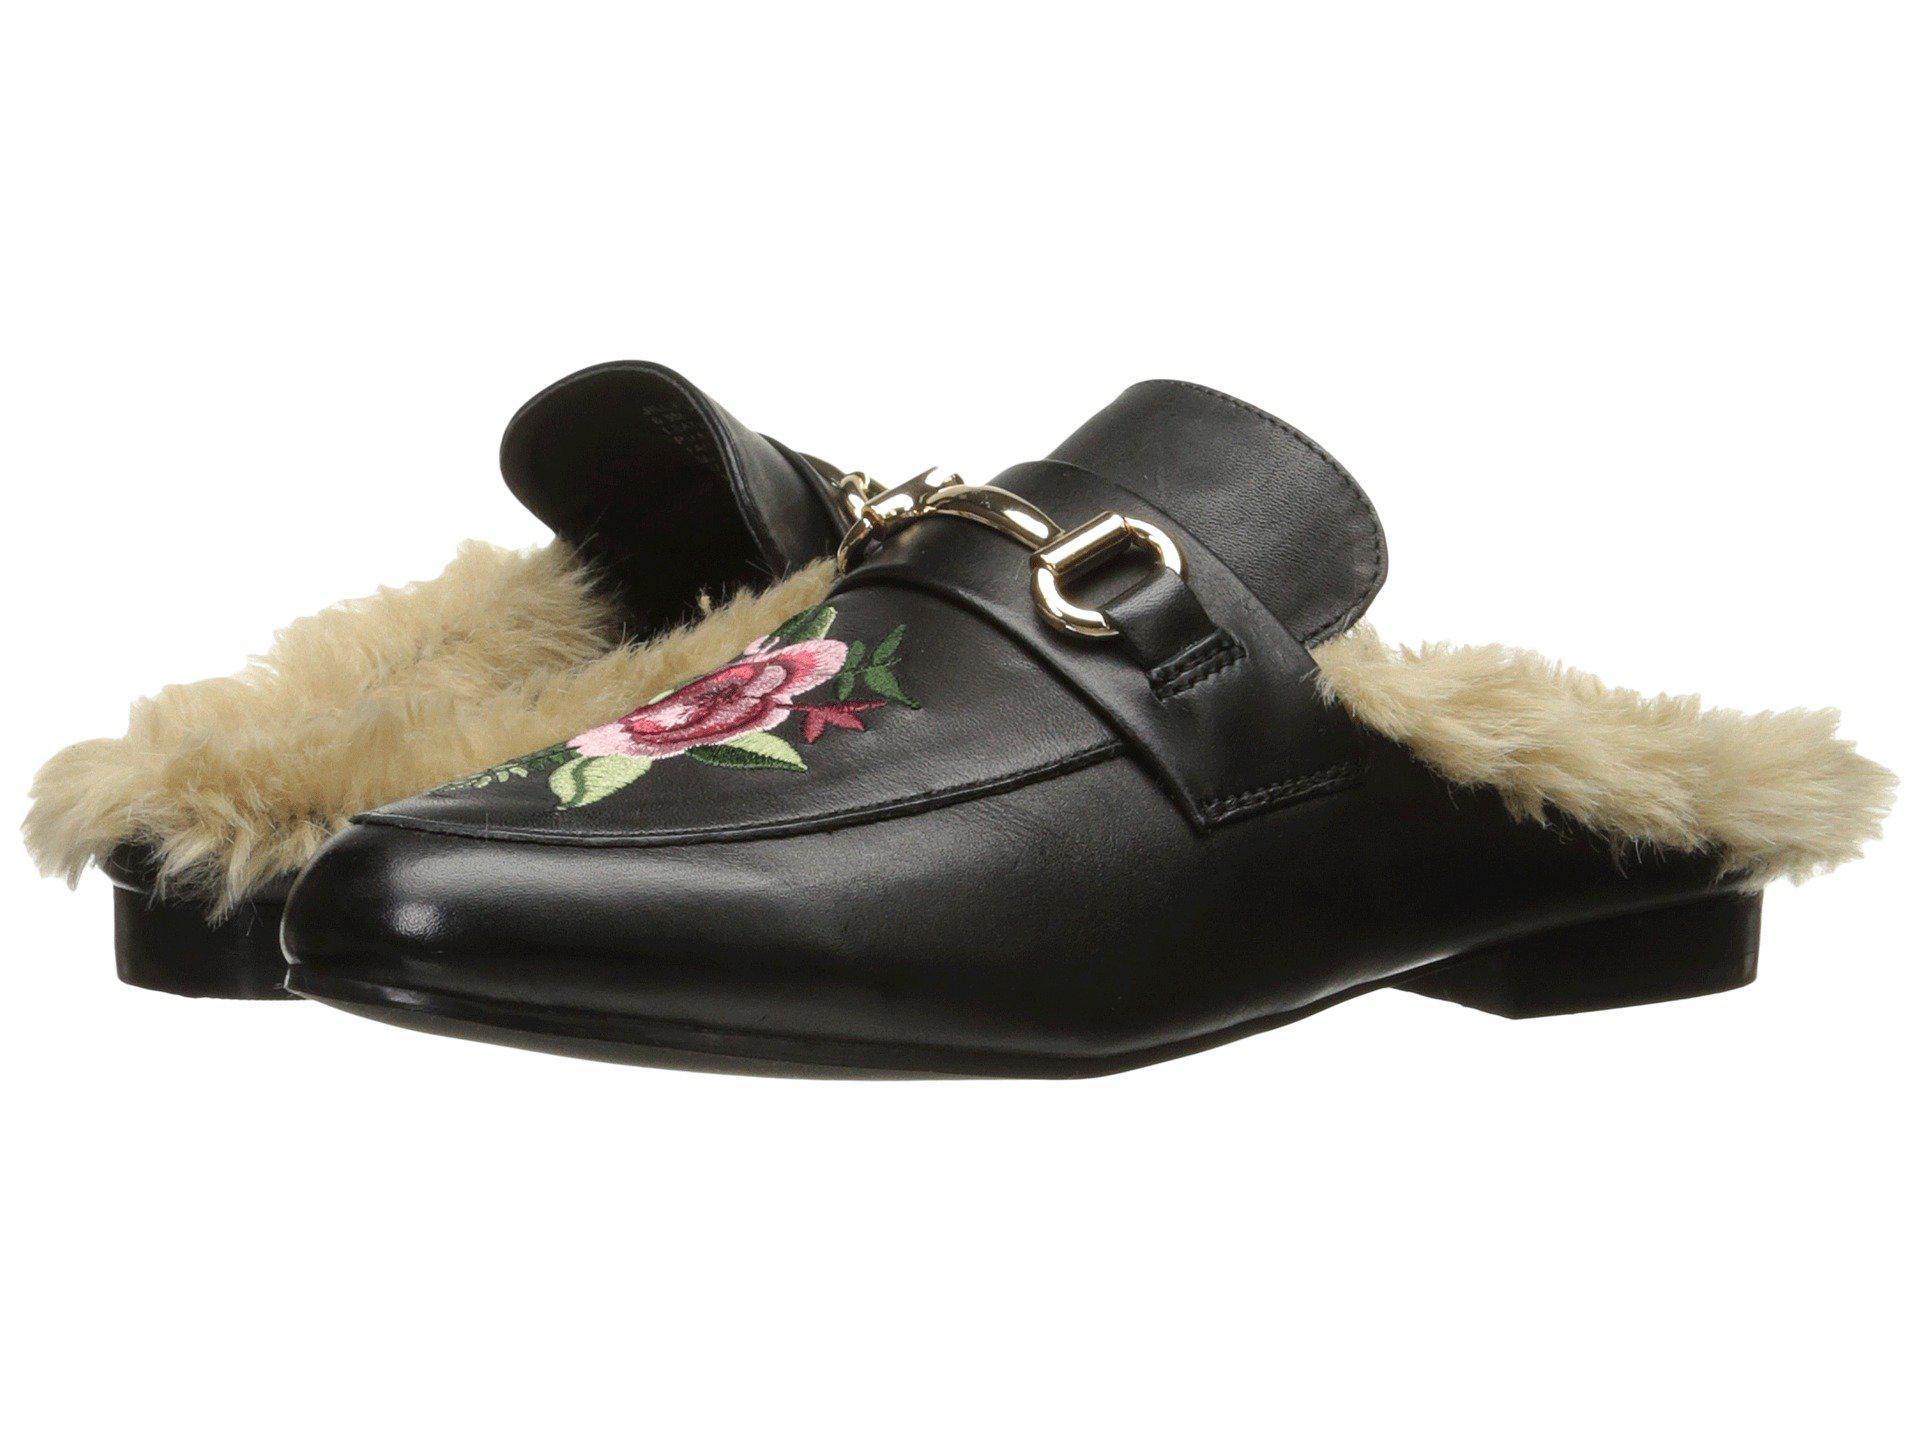 07f068a7f551 Lyst - Steve Madden Jill (black Leather) Women s Shoes in Black